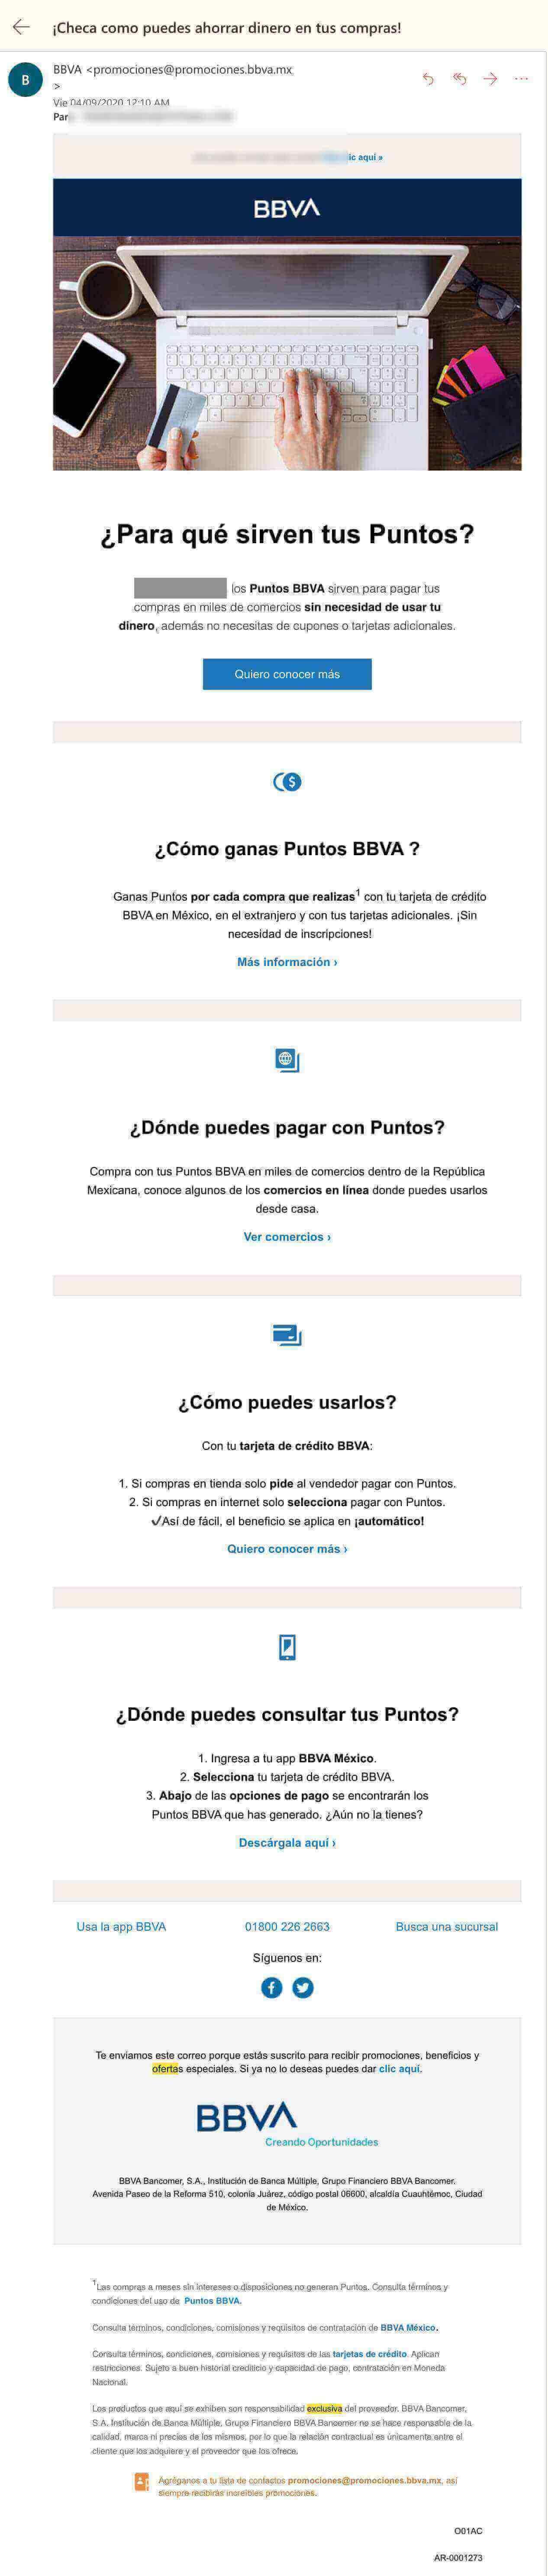 Campaña de mailing de BBVA